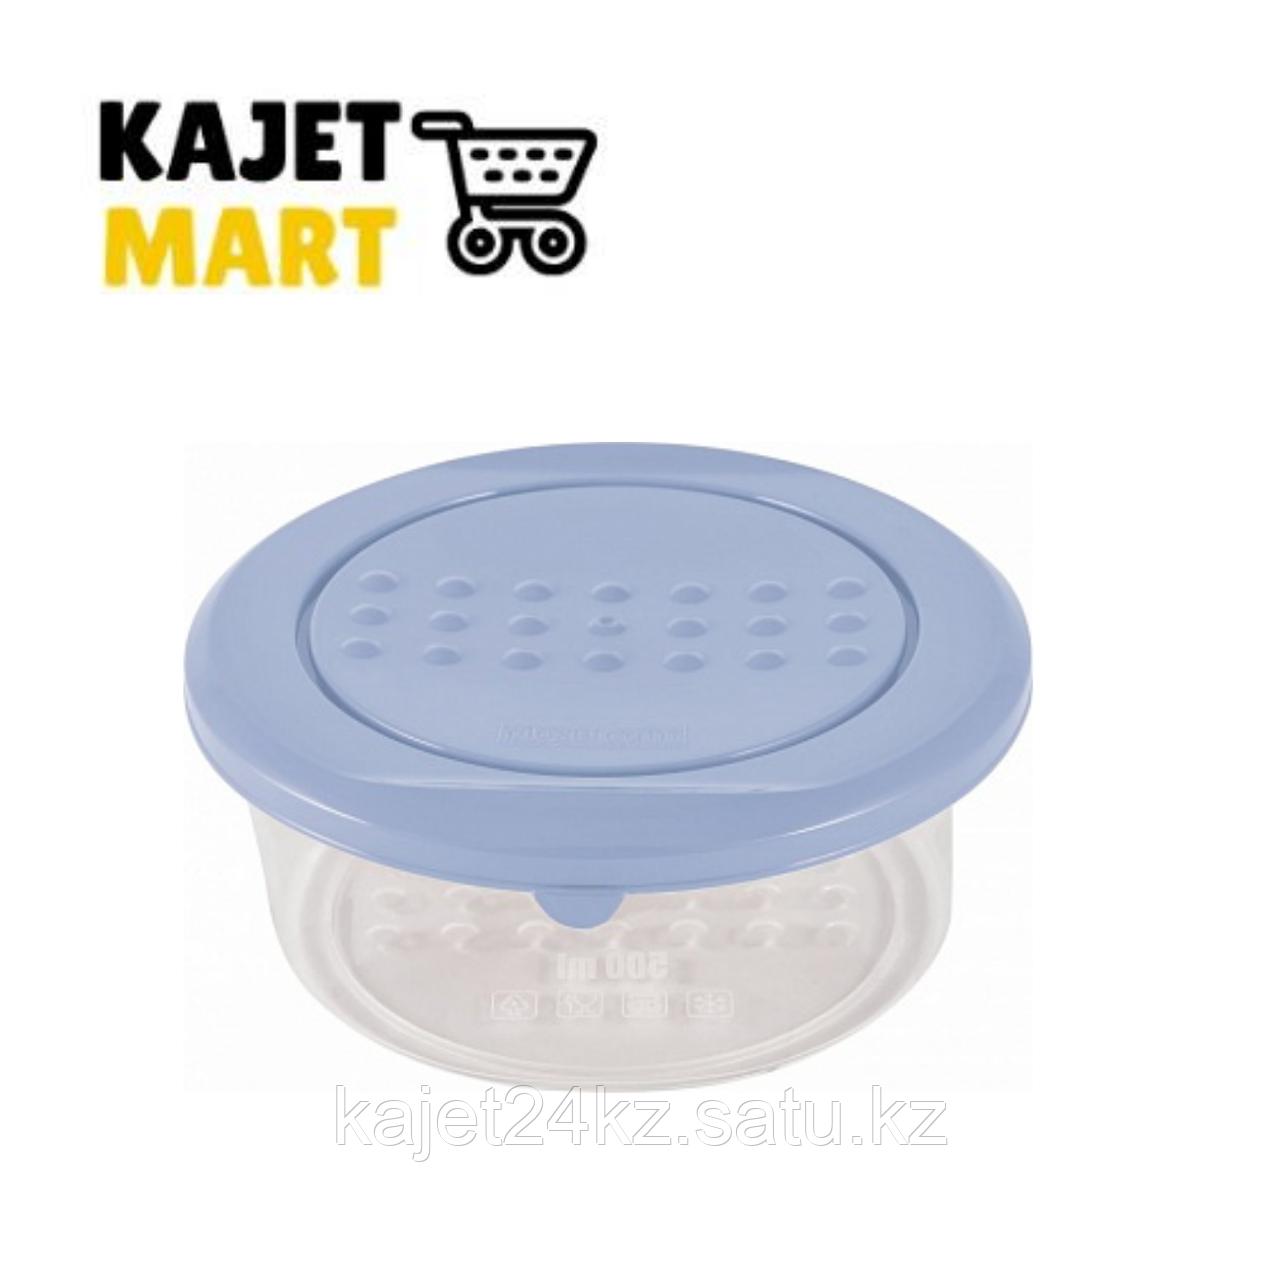 Емкость для хранения продуктов PATTERN круглая 0,5л туманно-голубой